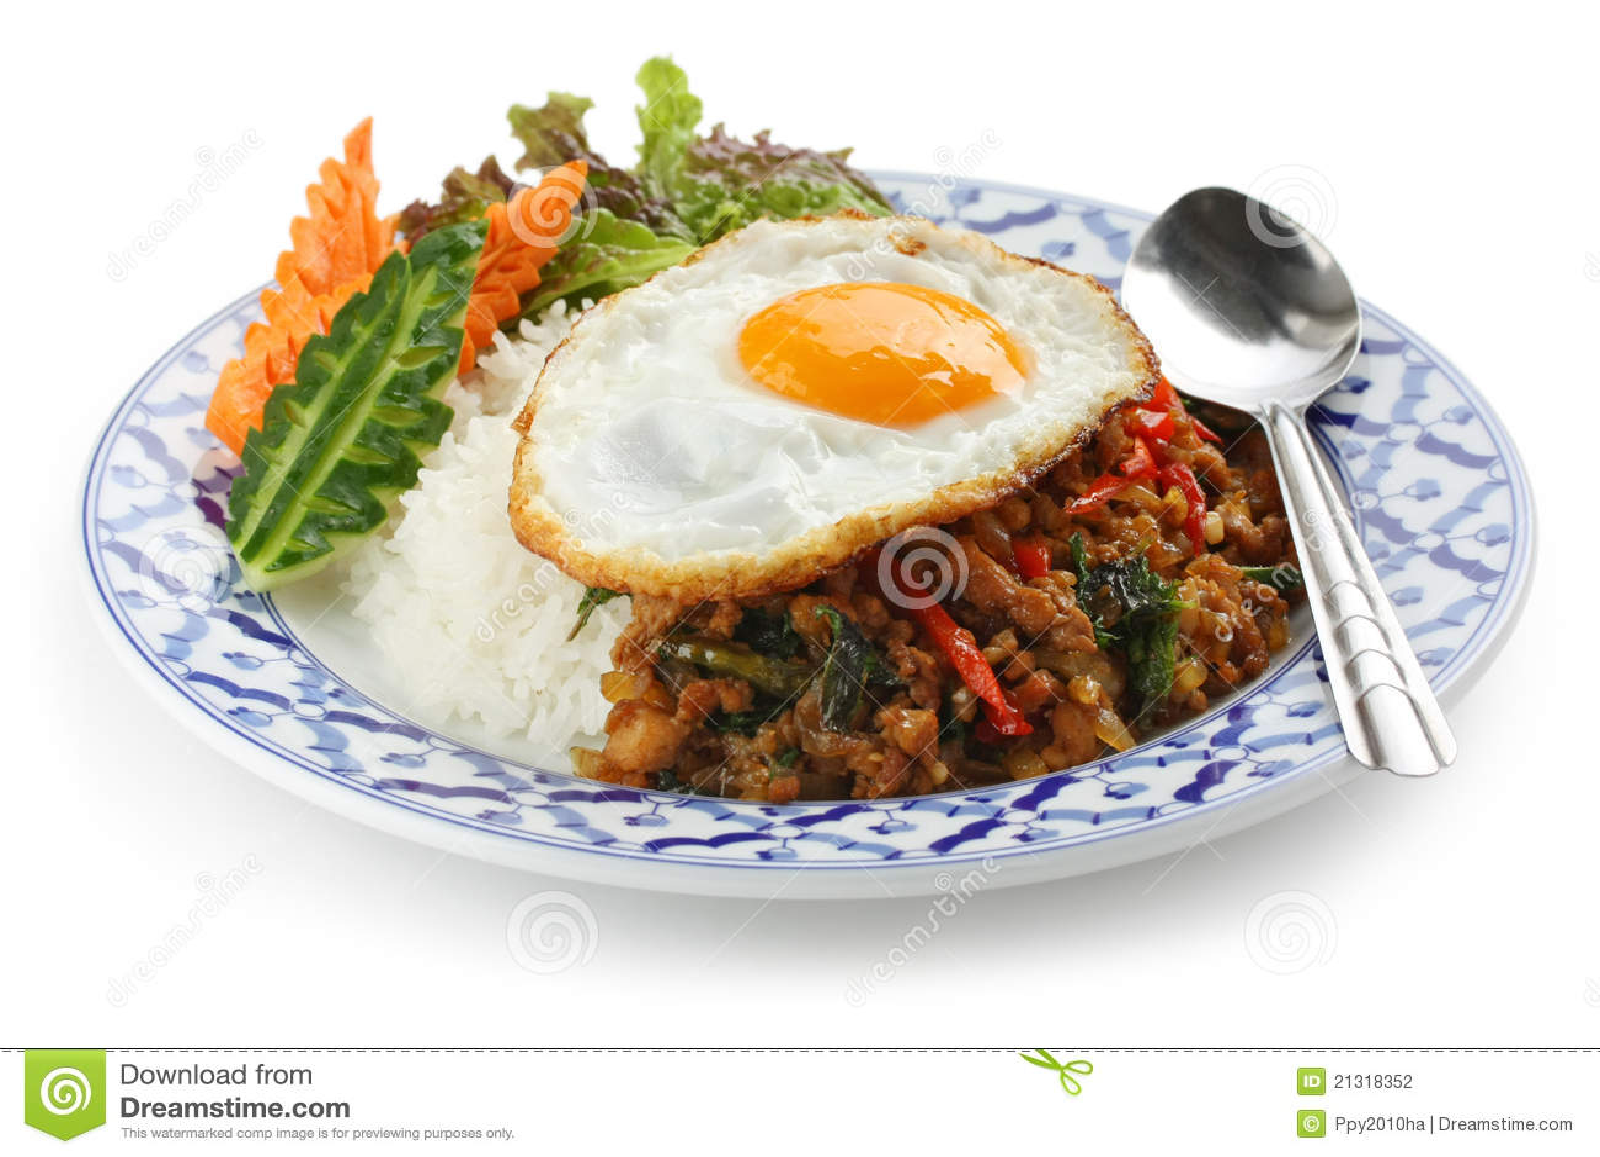 Remuez le poulet frit avec le basilic saint, la garniture bai g de gai